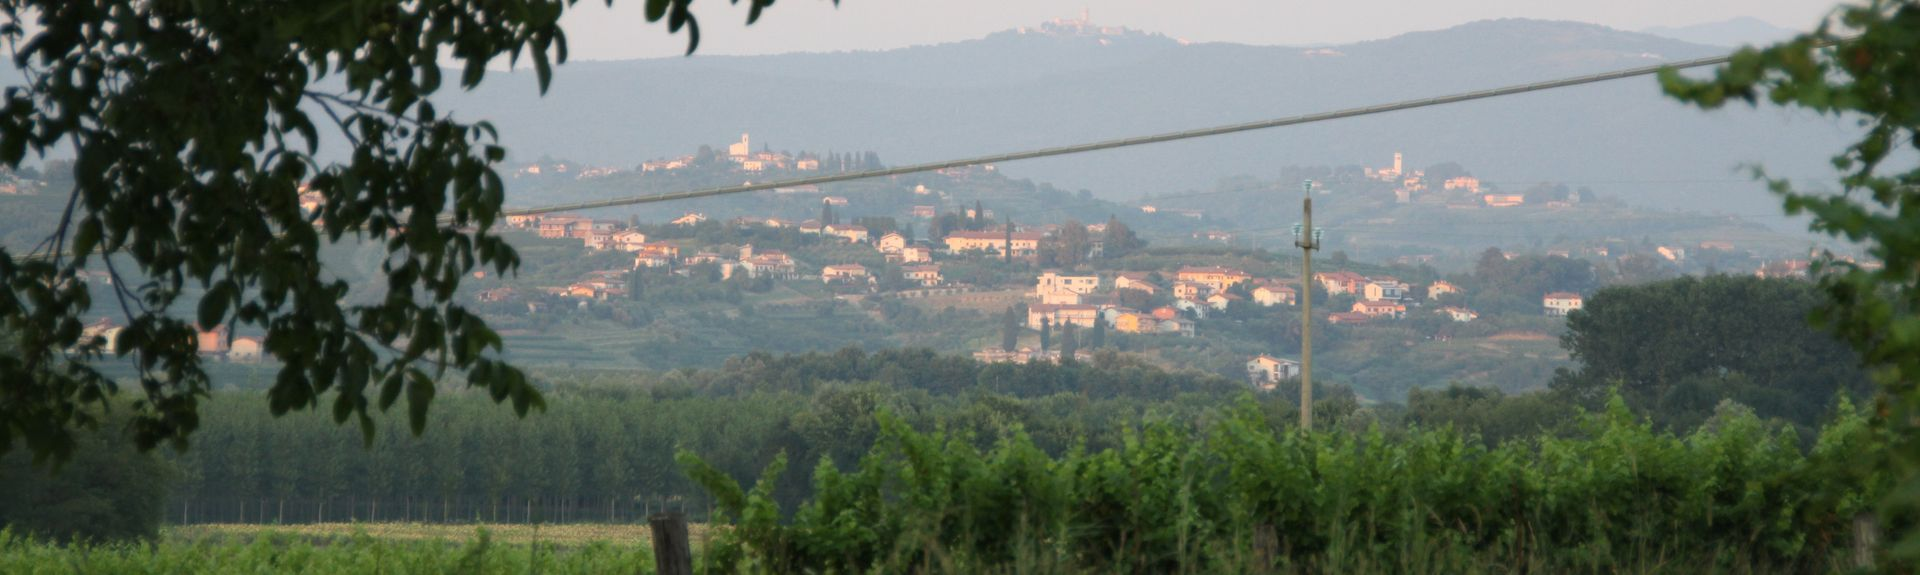 Capriva del Friuli, Friuli-Venezia Giulia, Italy